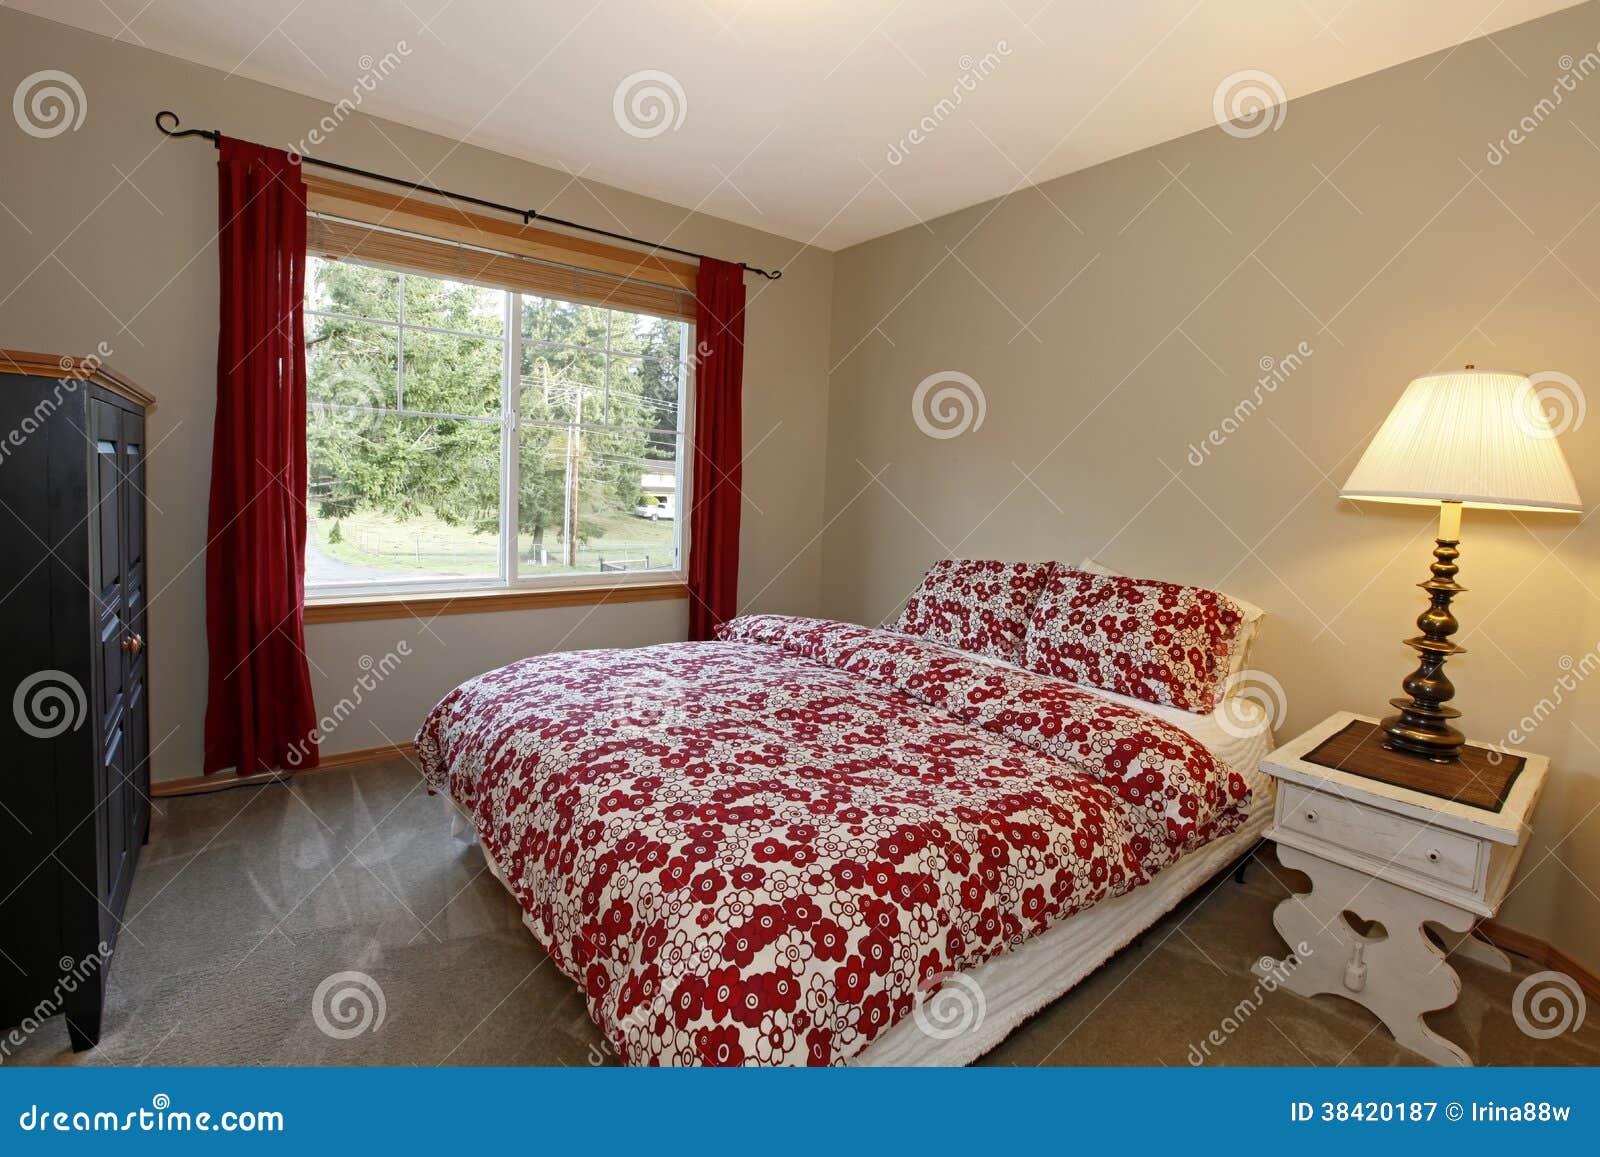 Bruine Slaapkamer Muur : Slaapkamer met rood bed en bruine muren stock afbeelding